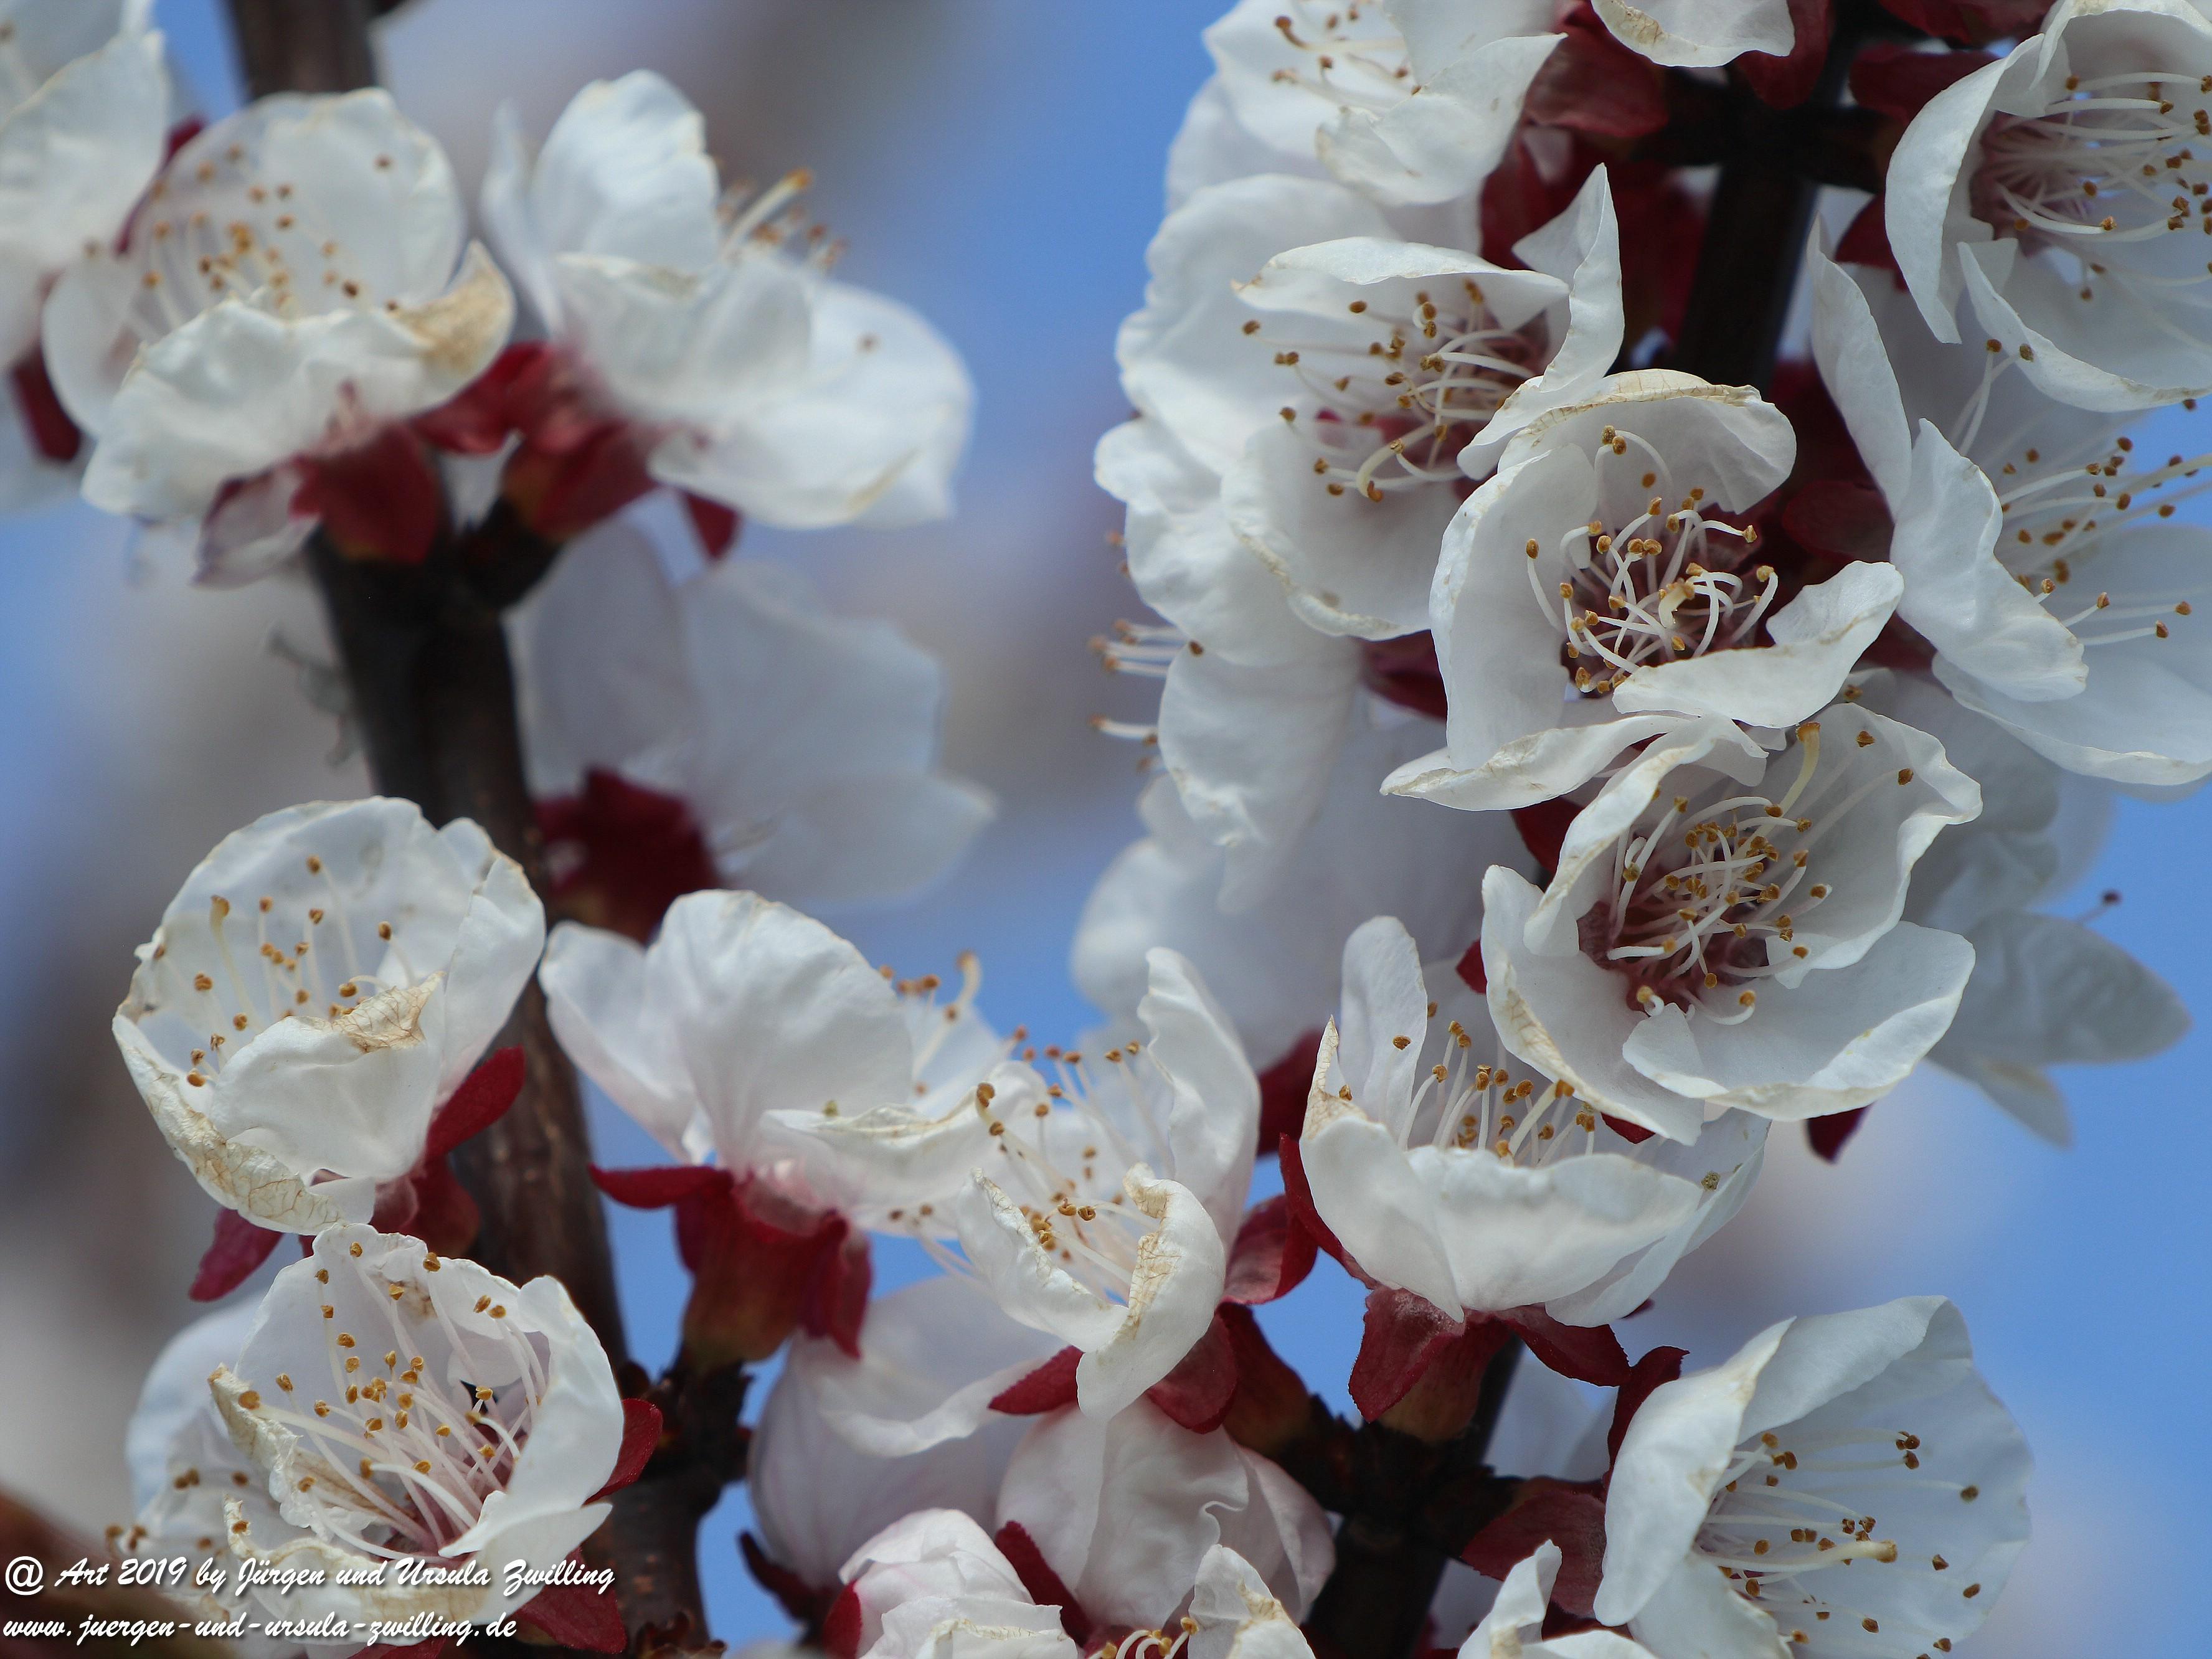 Aprikosenblüten 8